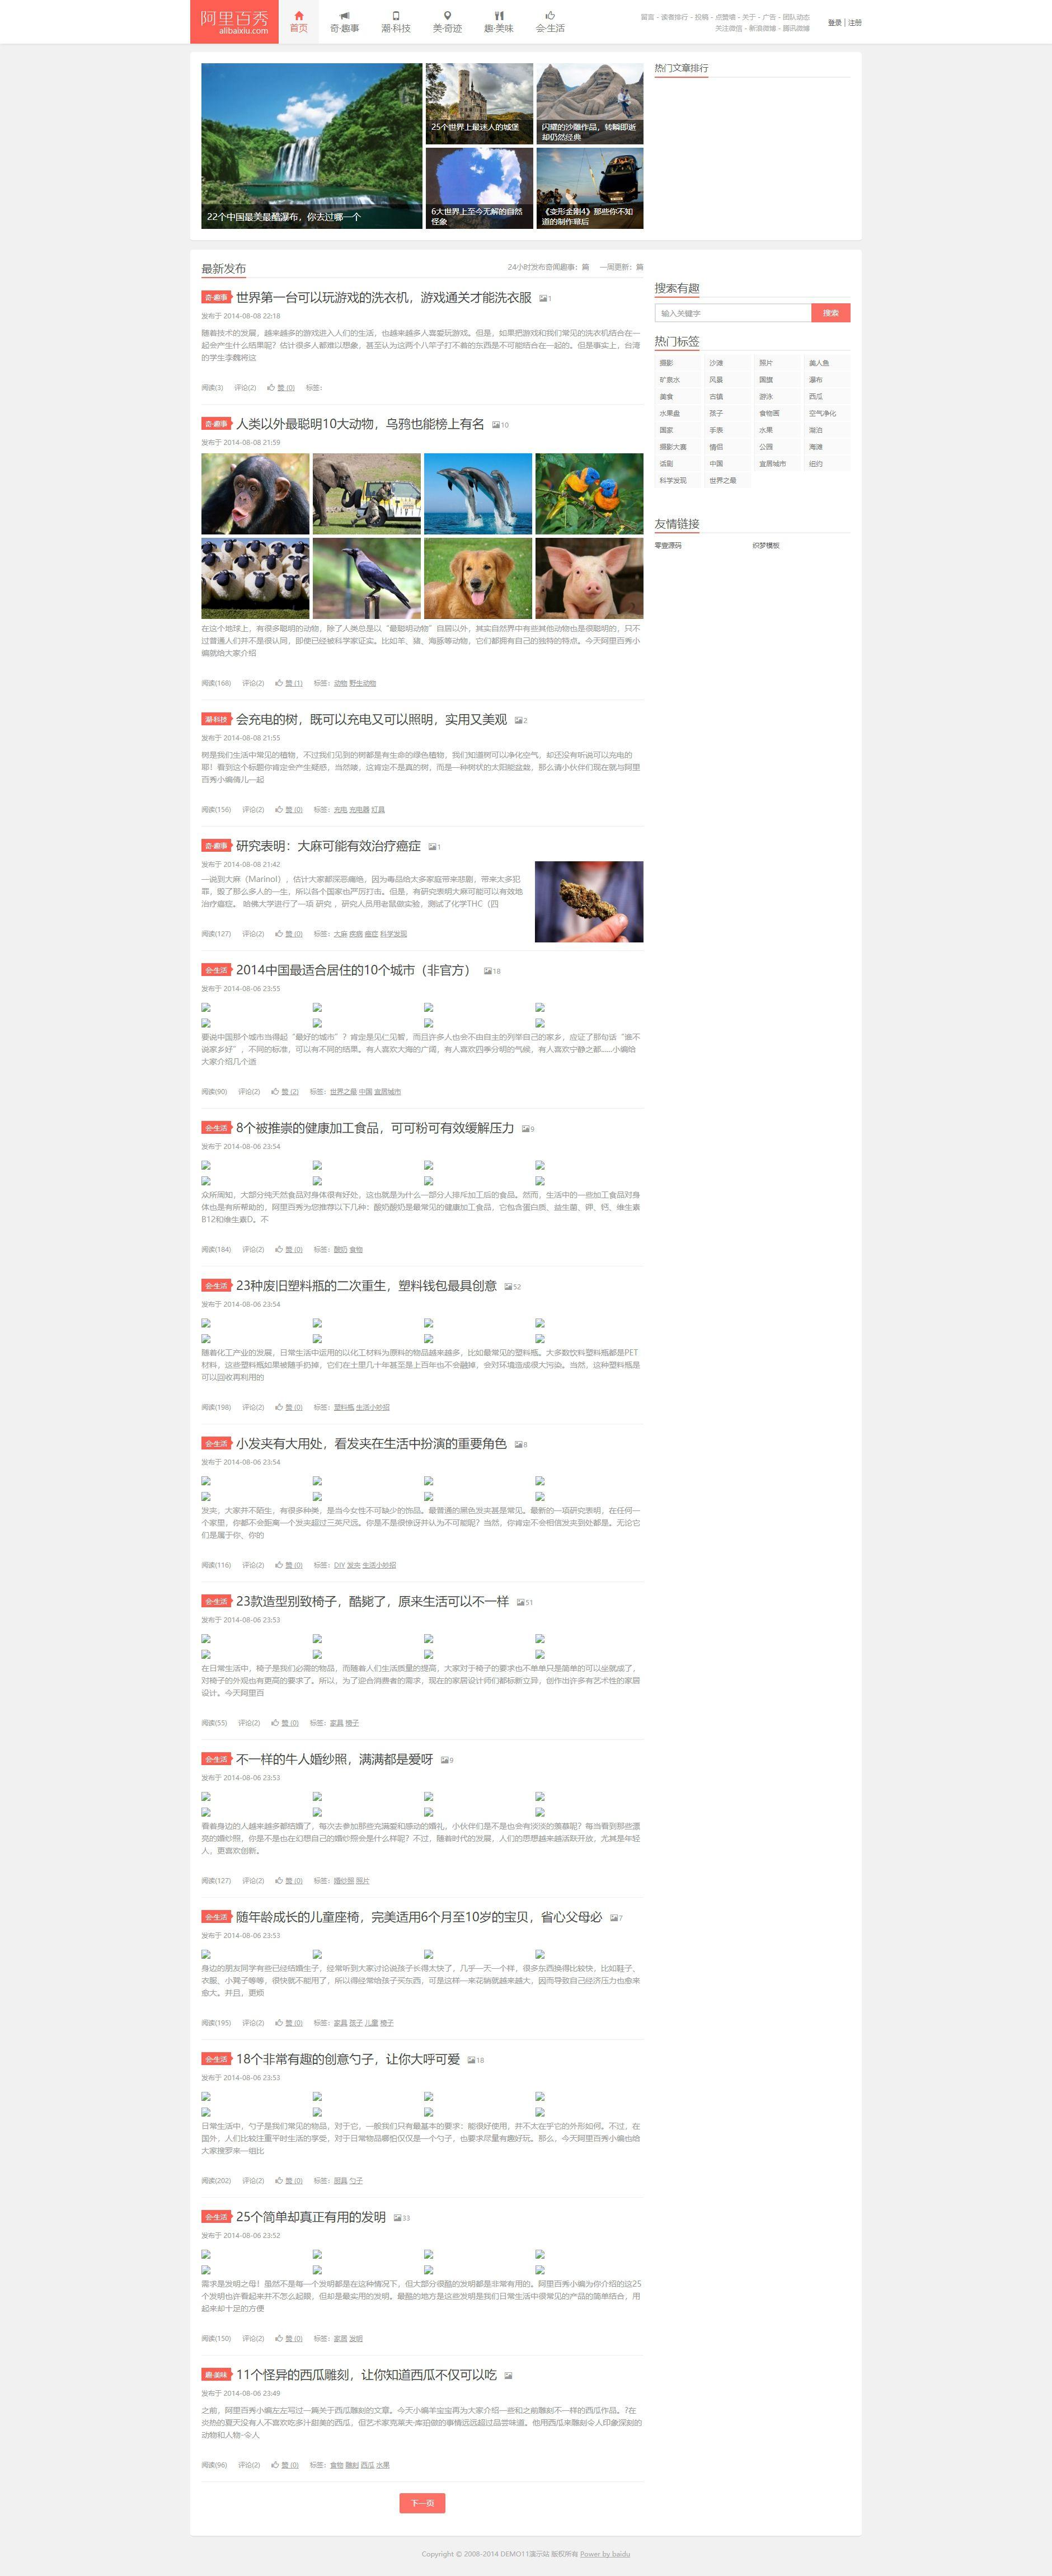 仿新版阿里百秀织梦dedecms模板 织梦dedecms博客文章资讯源码 PHP网站模板